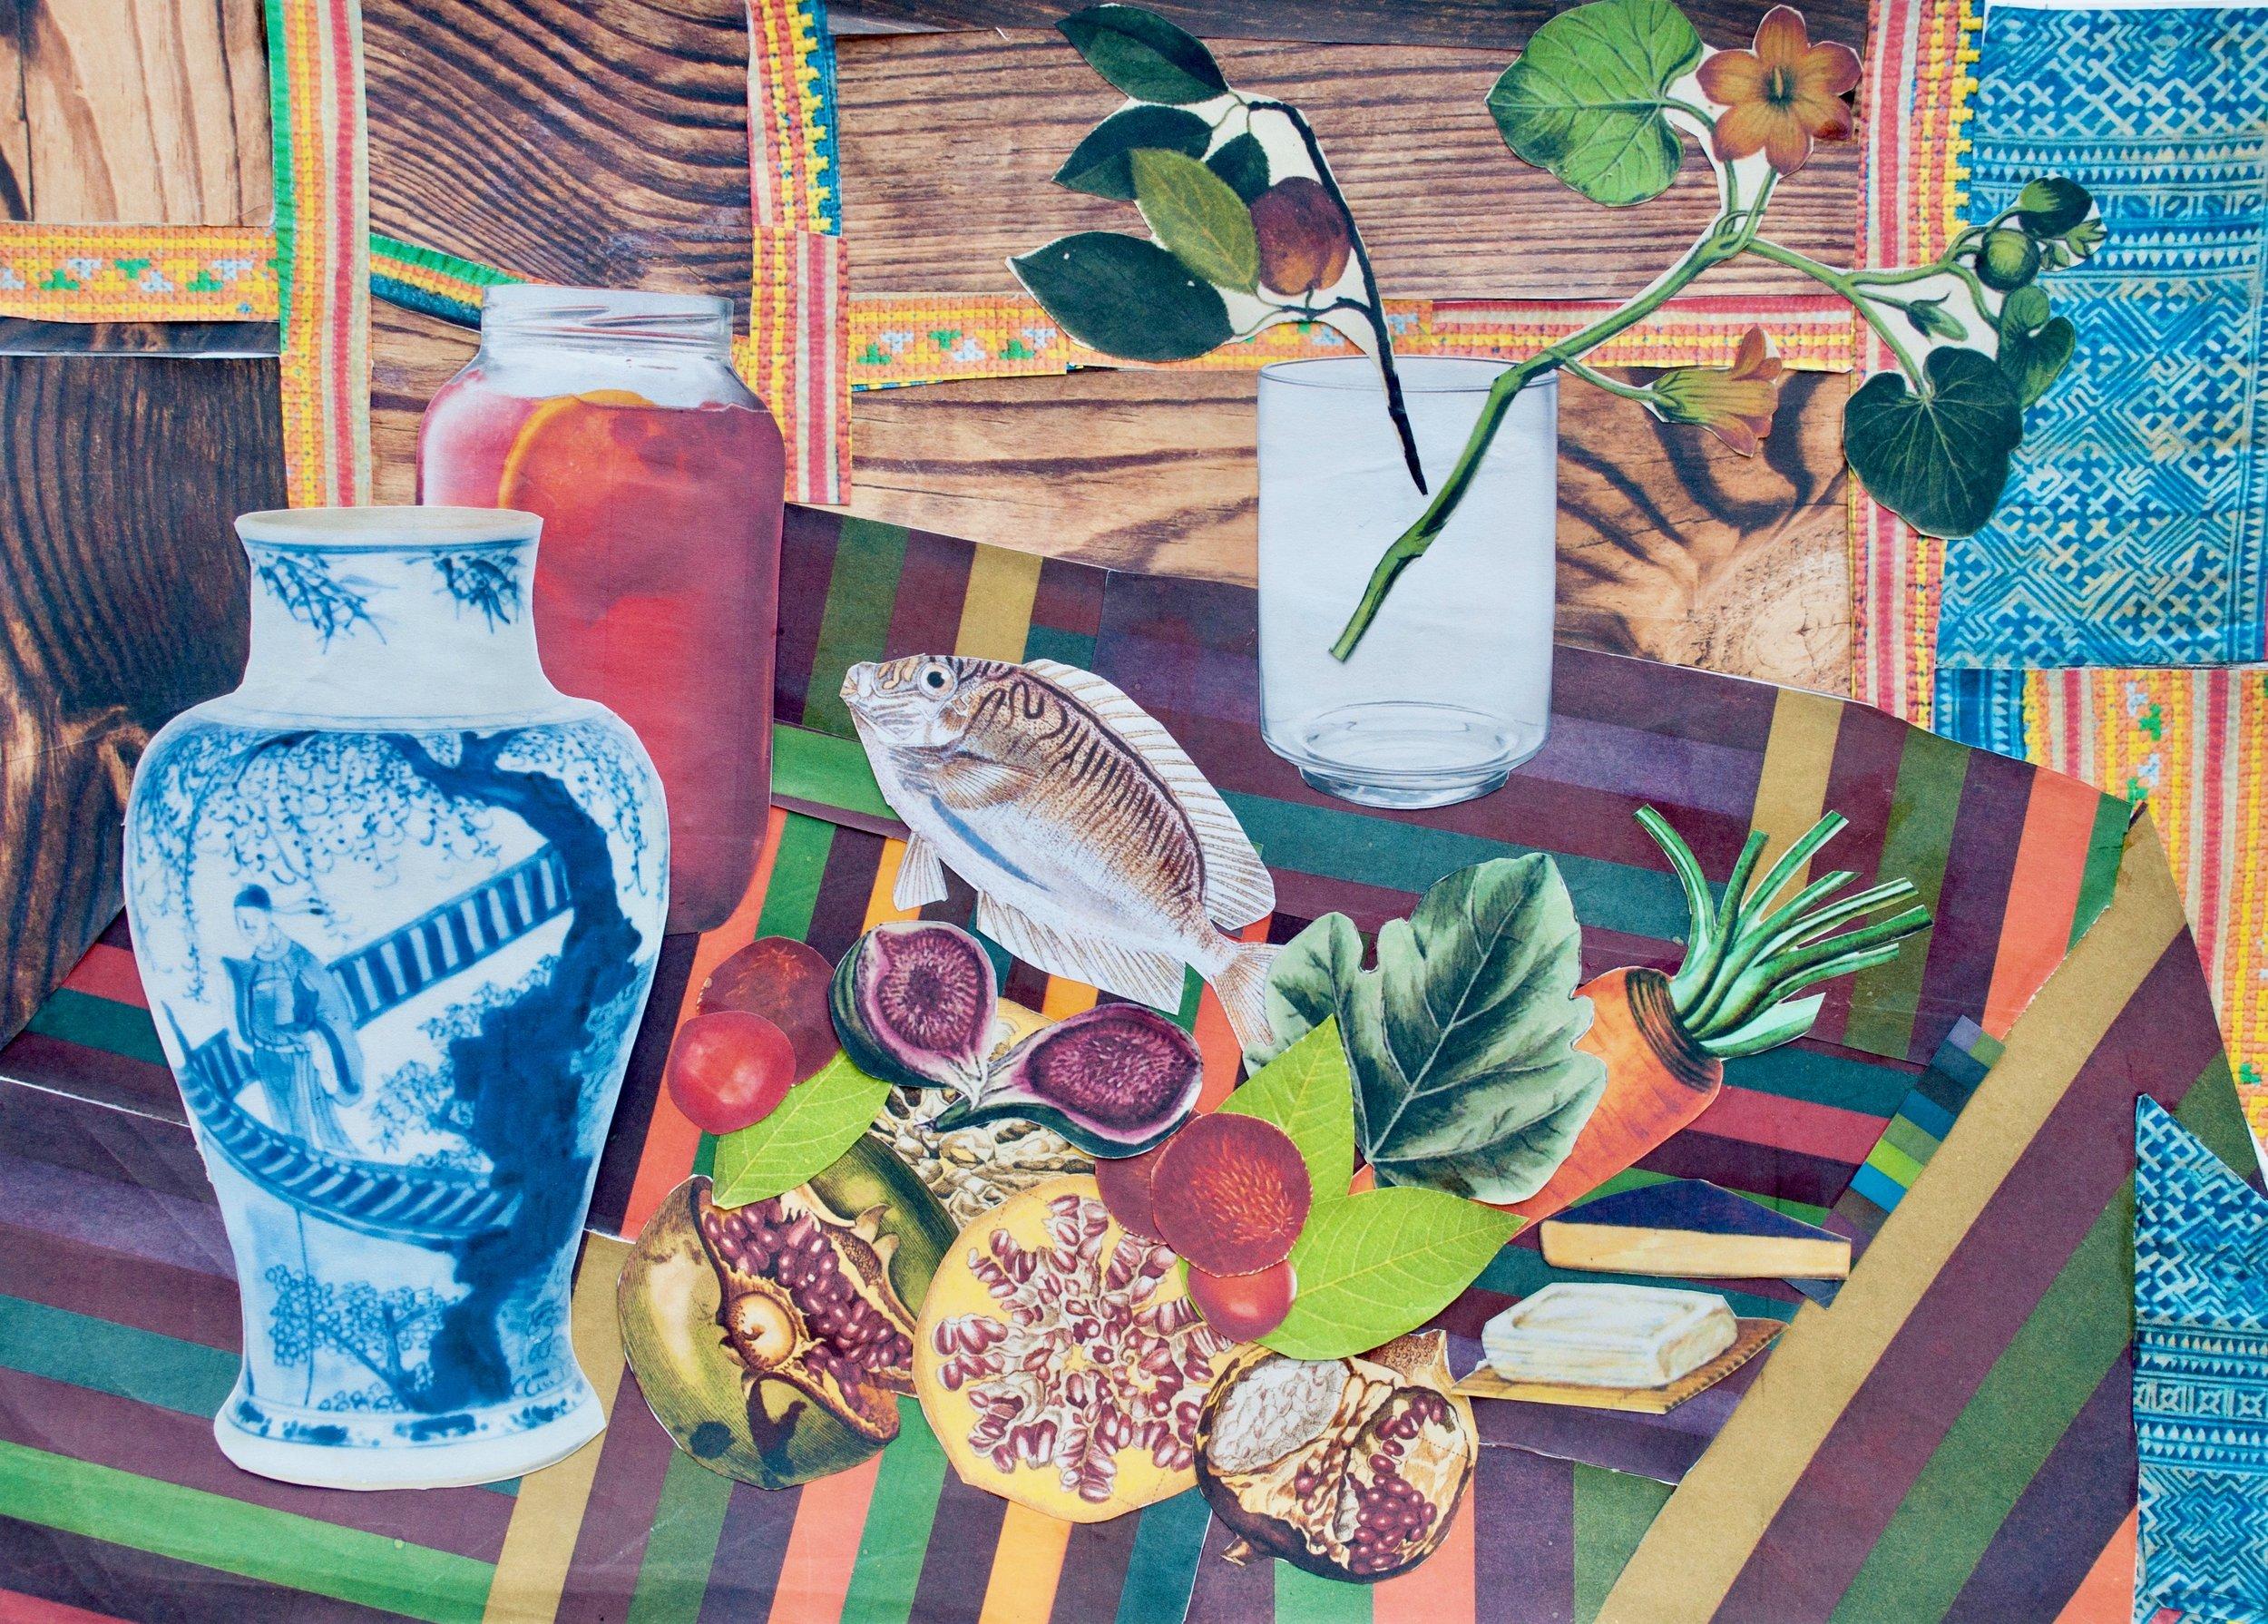 Dương - Still Life after Henri Matisse's Still Life (Pineapples, Lemons).jpg